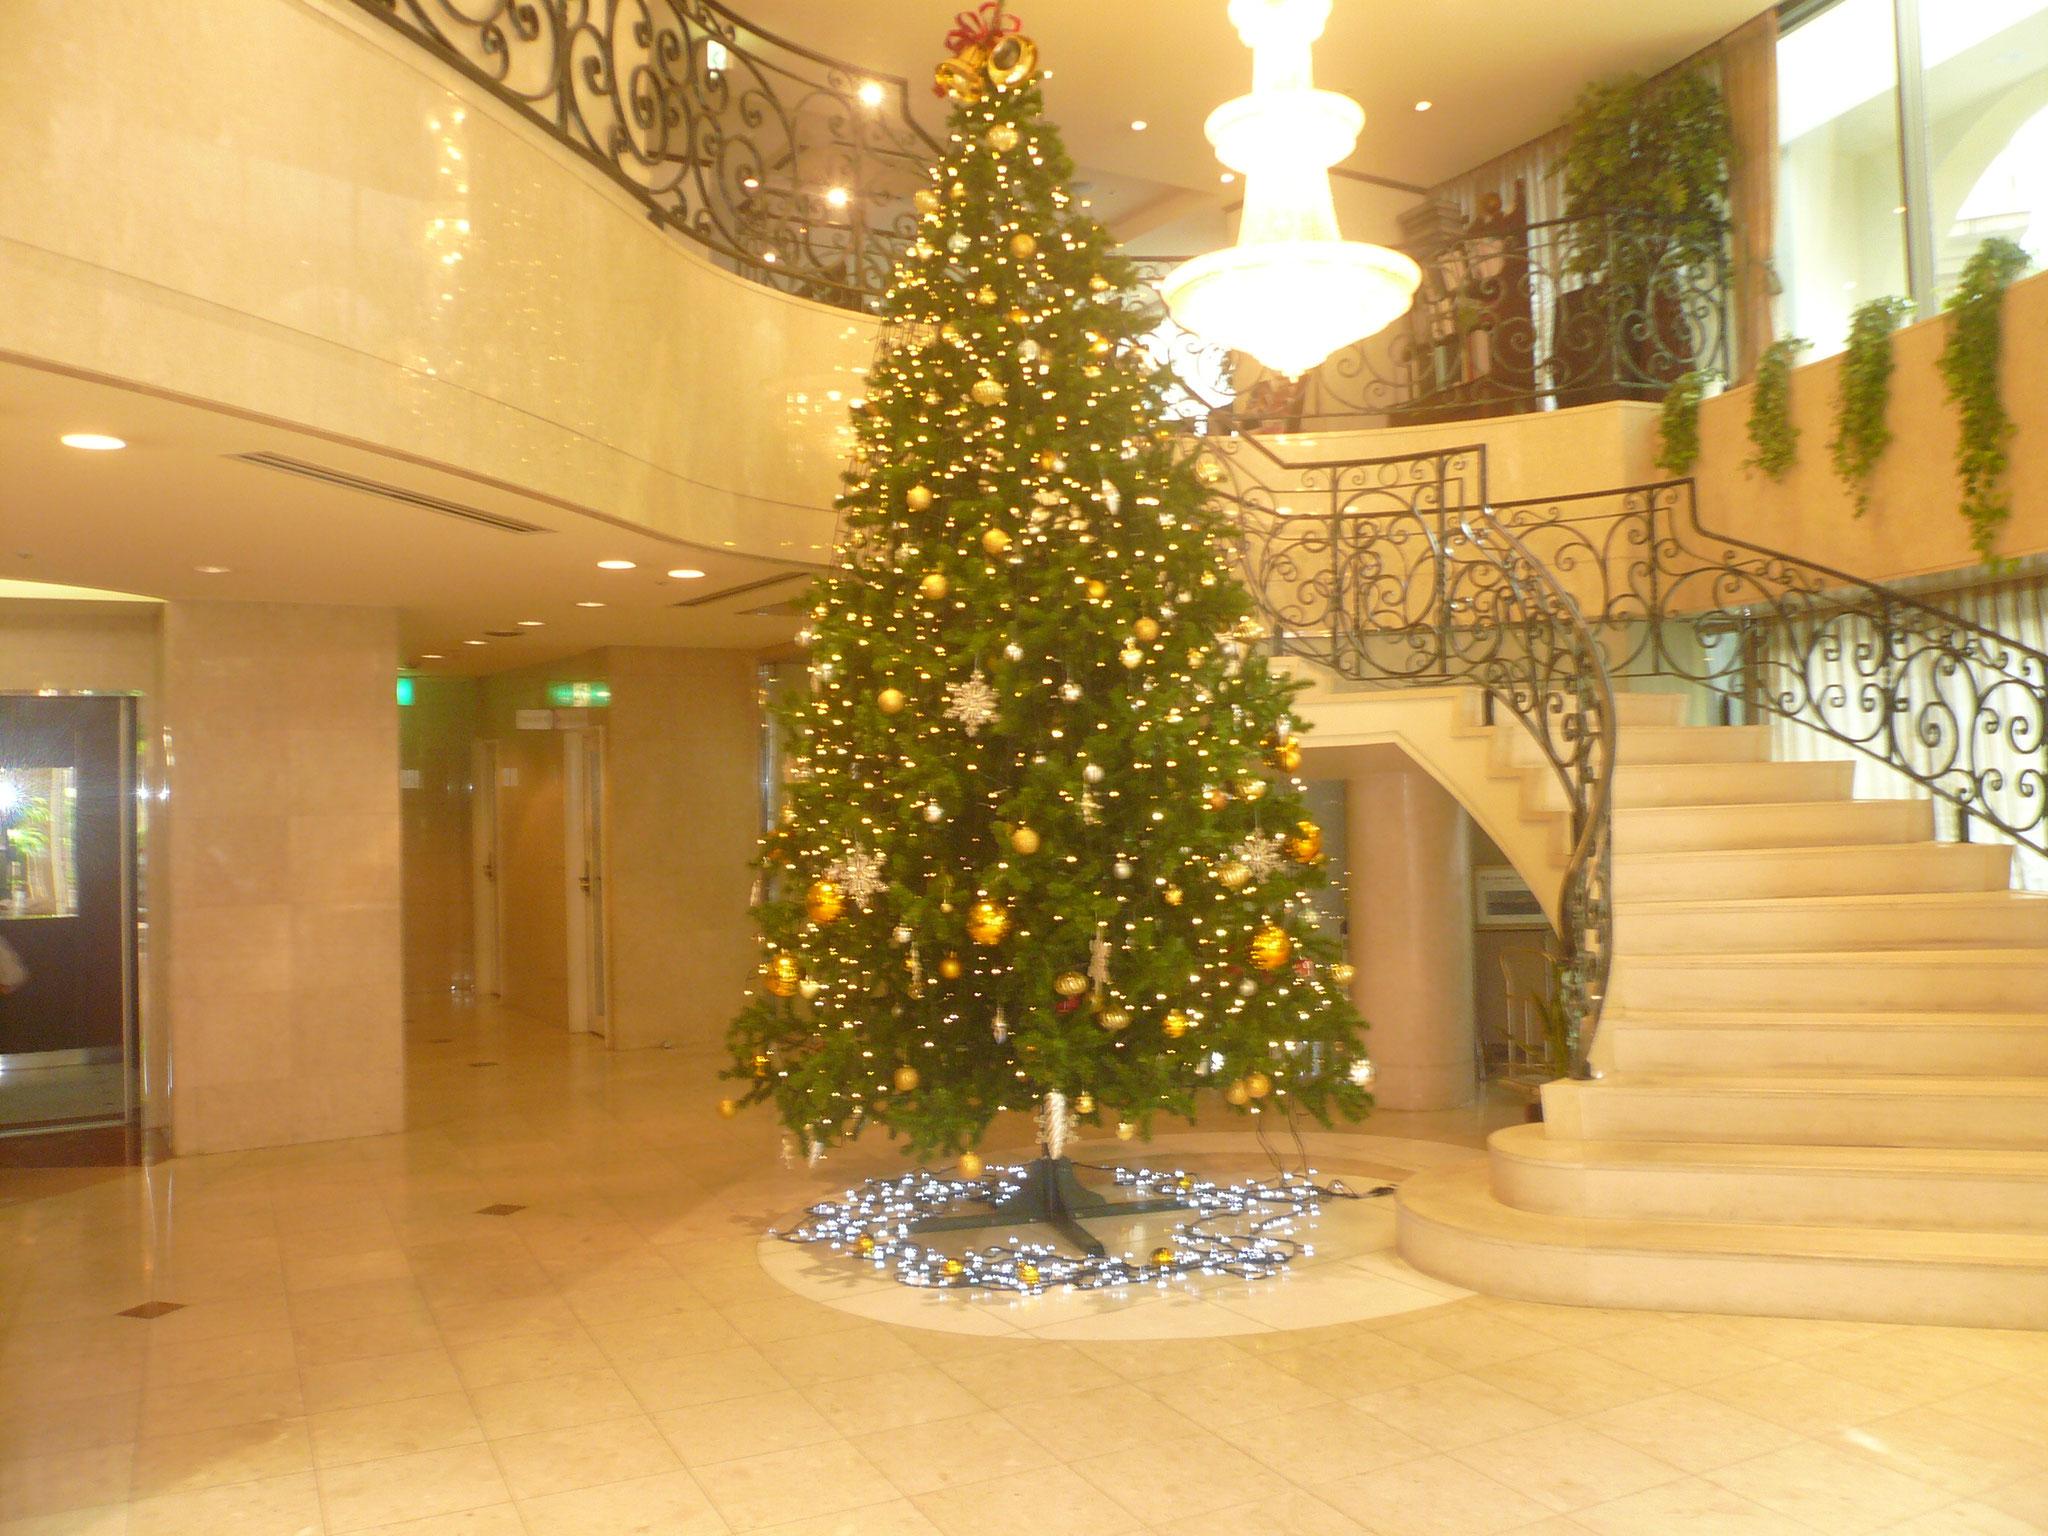 湘南クリスタルホテルクリスマスモードでお出迎え